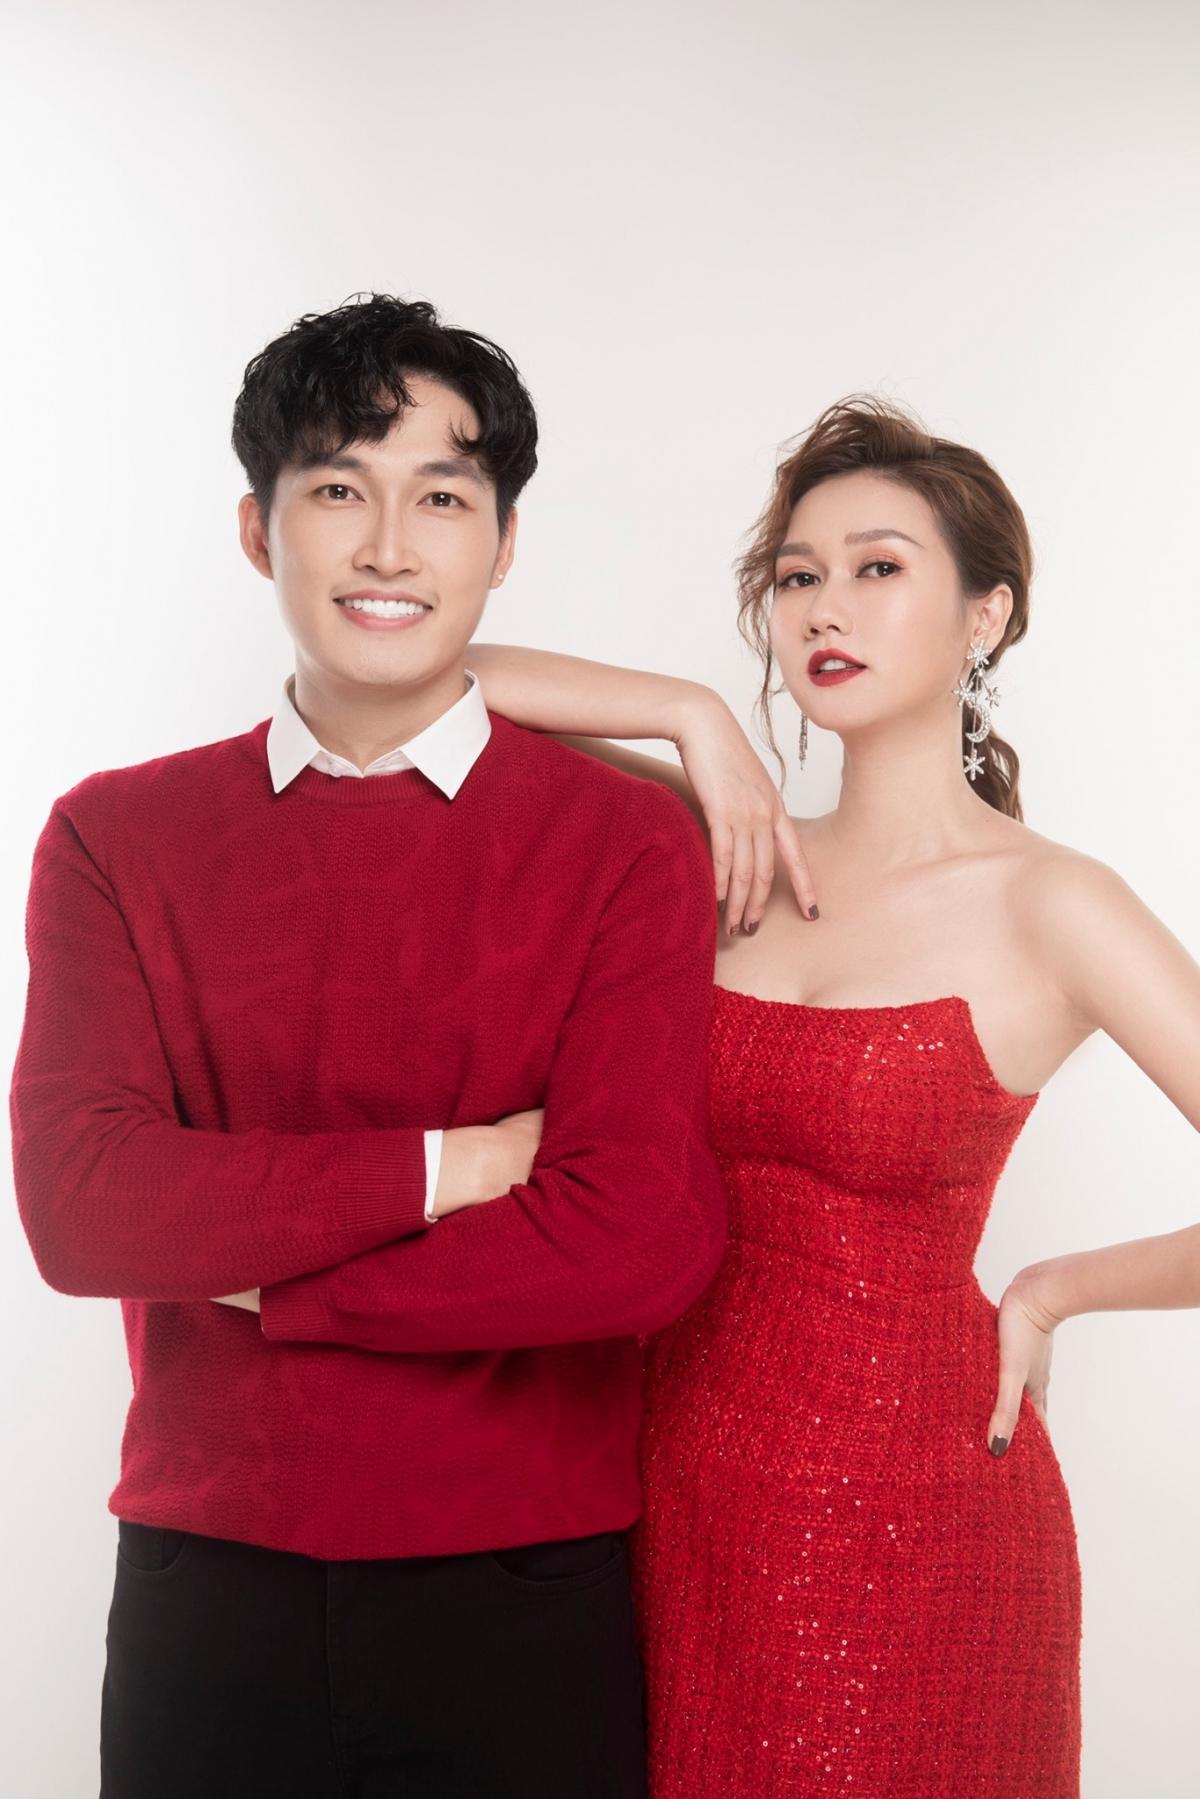 Đình Tú và Hương Giang-cặp đôi vàng của làng phim truyền hình Việt cùng diện đồ đỏ, tình tứ bên nhau đón Giáng sinh.